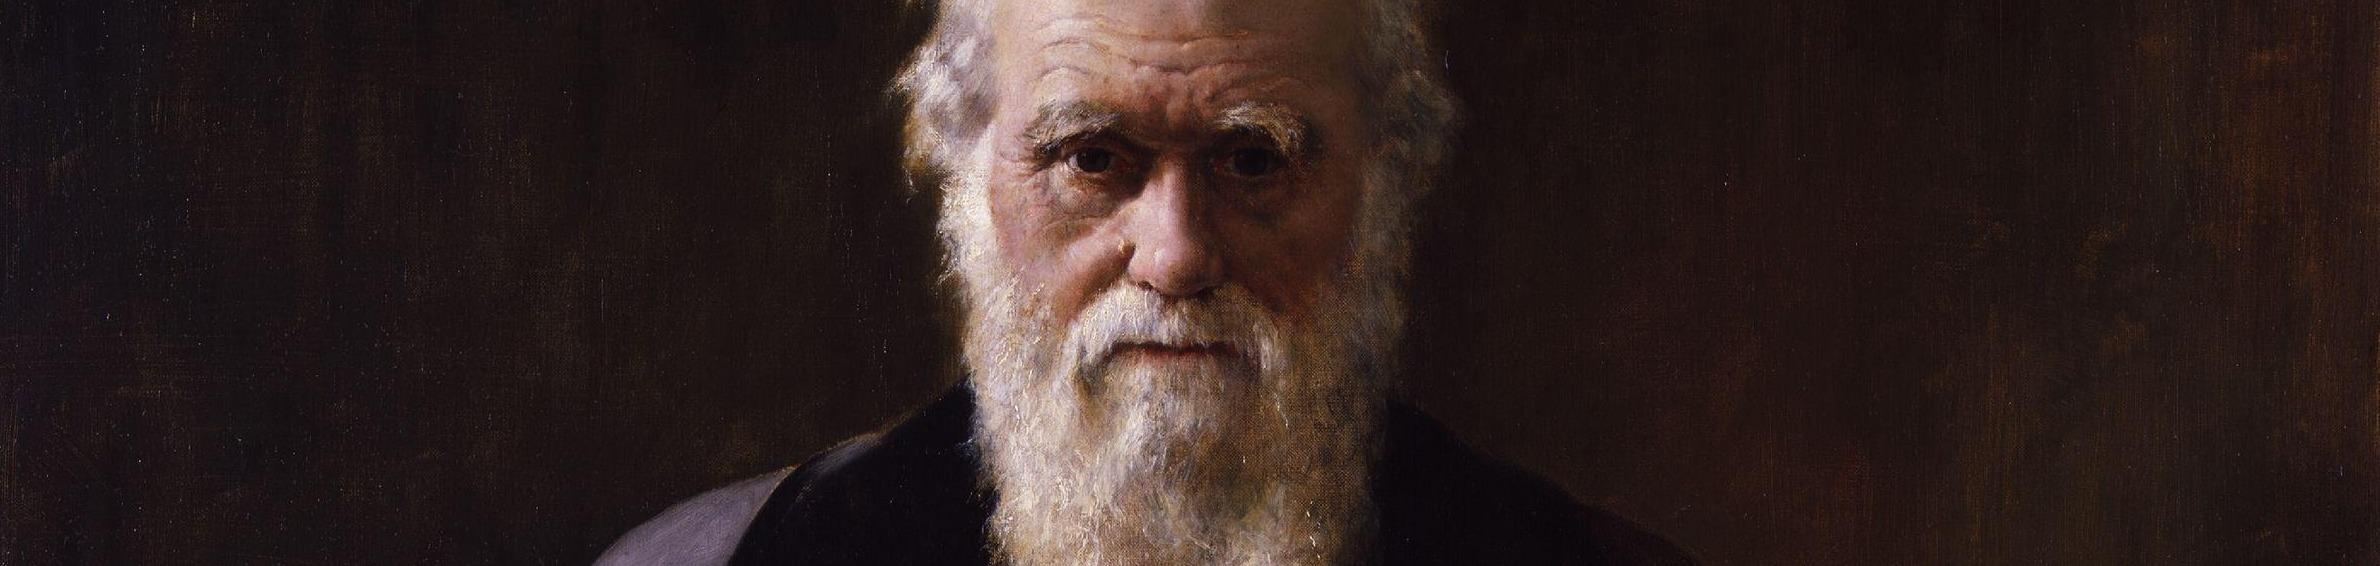 Charles Robert Darwin (* 12. Februar 1809 † 19. April 1882)